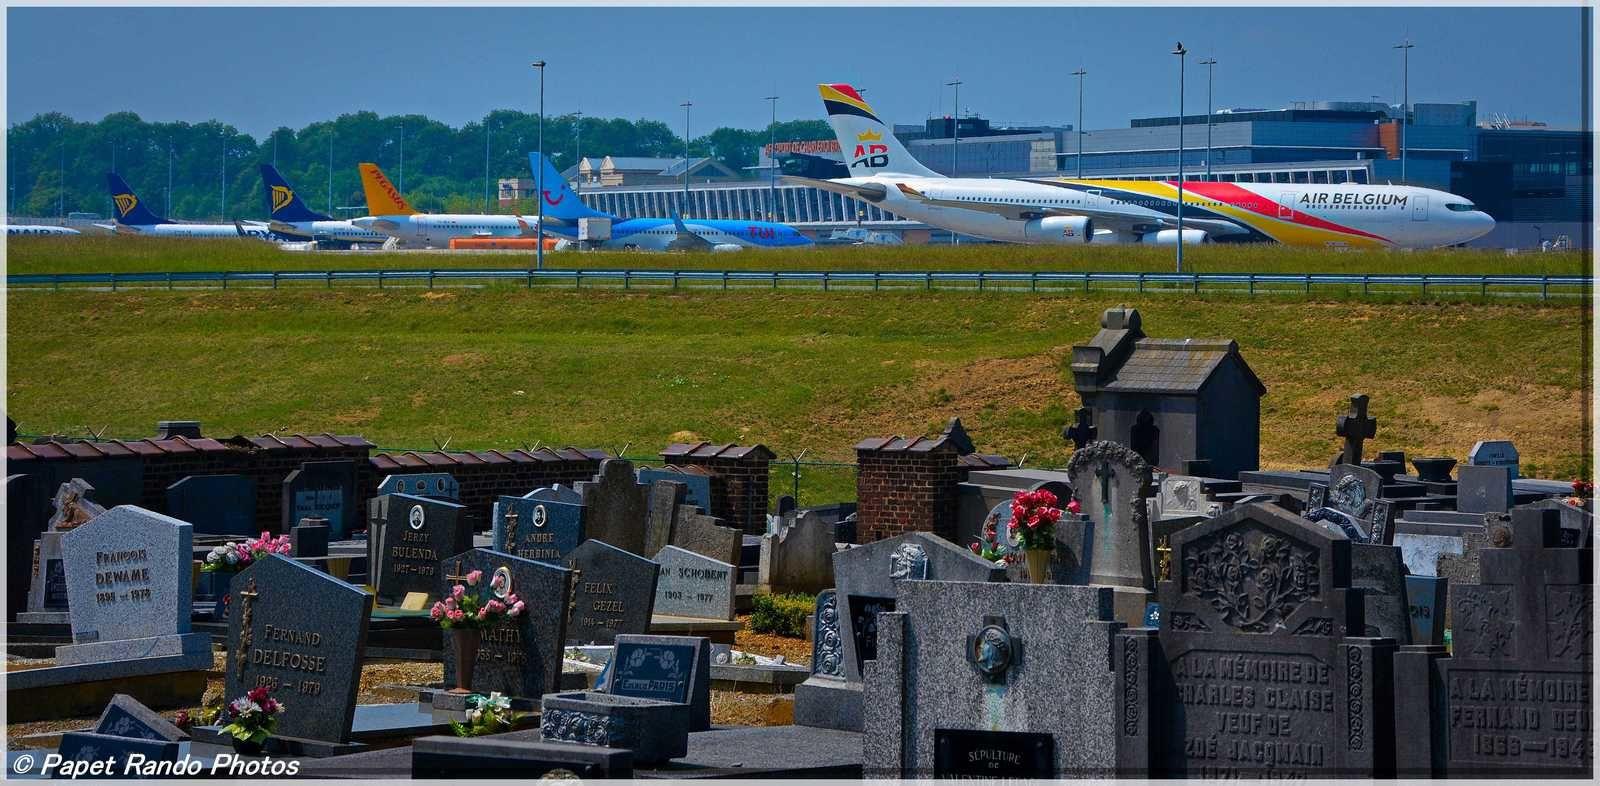 Insolite le cimetiere de Ransart Centre, dans l'aeroport de Bruxelles Susd CHARLEROI?? le seul aeroport avec un  sentier amenagé pour les pietons ( extra pour moi, j'habite a 1,5 km , d'ou depart en vacances ou autres a pied )